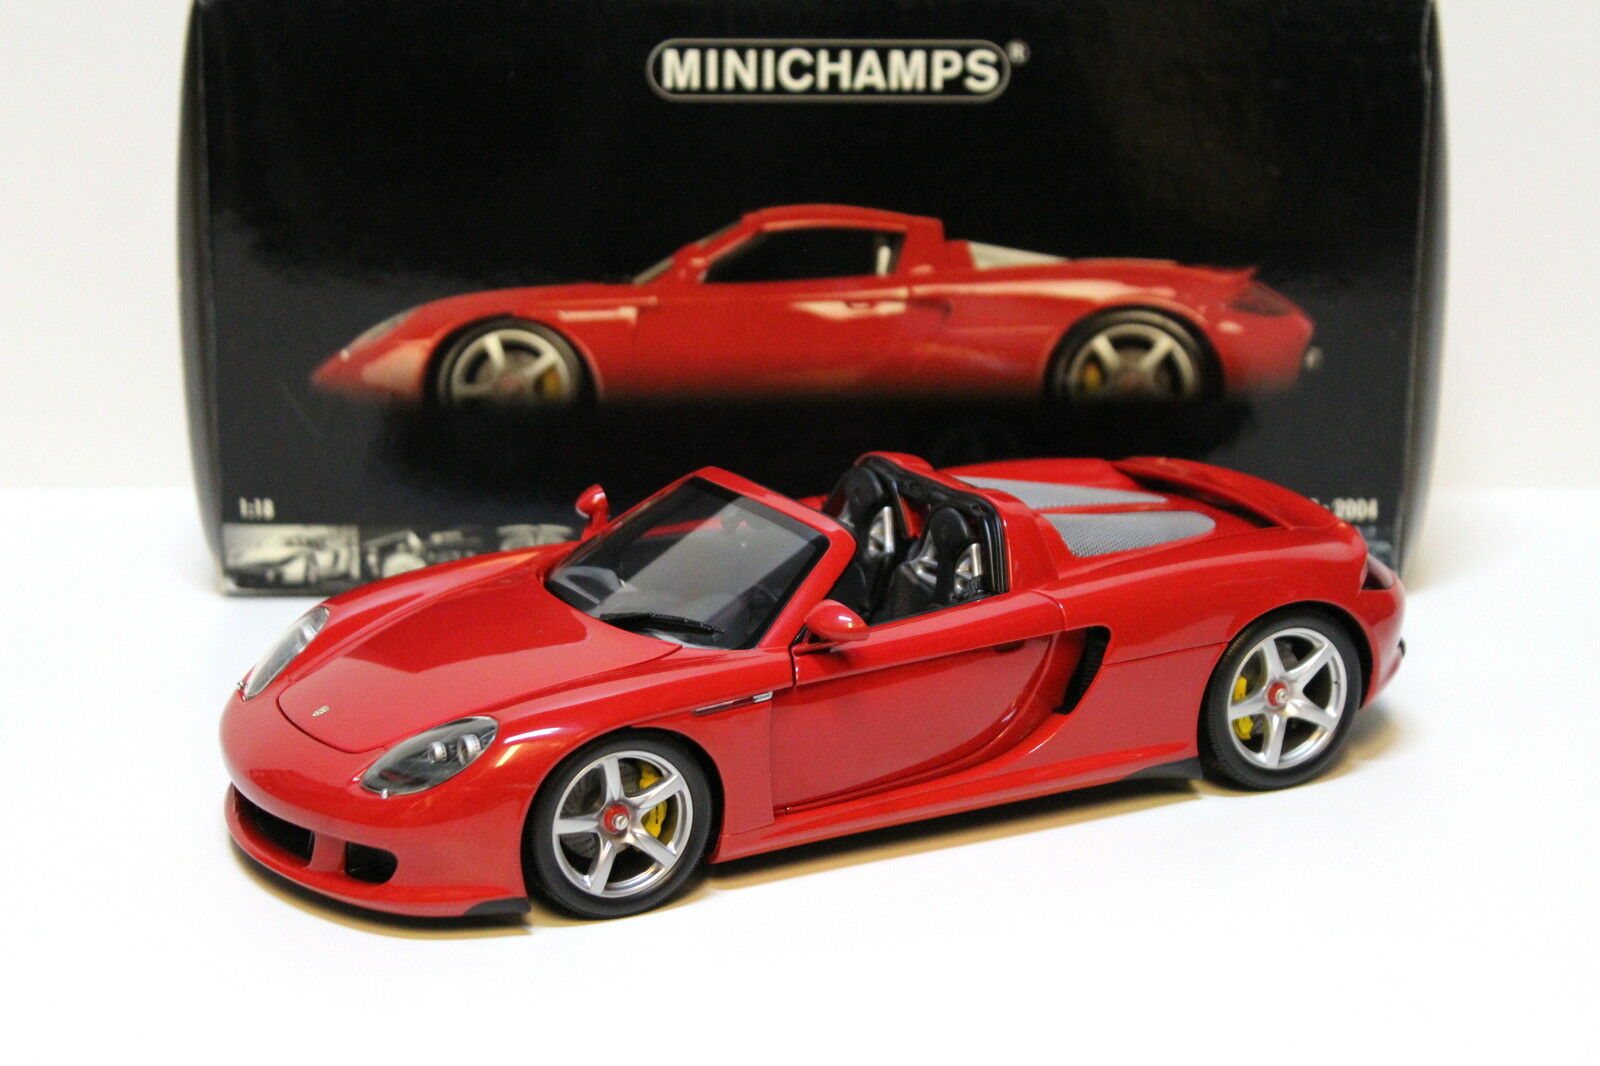 1 18 Minichamps porsche carrera gt 2004  rojo  new en Premium-modelcars